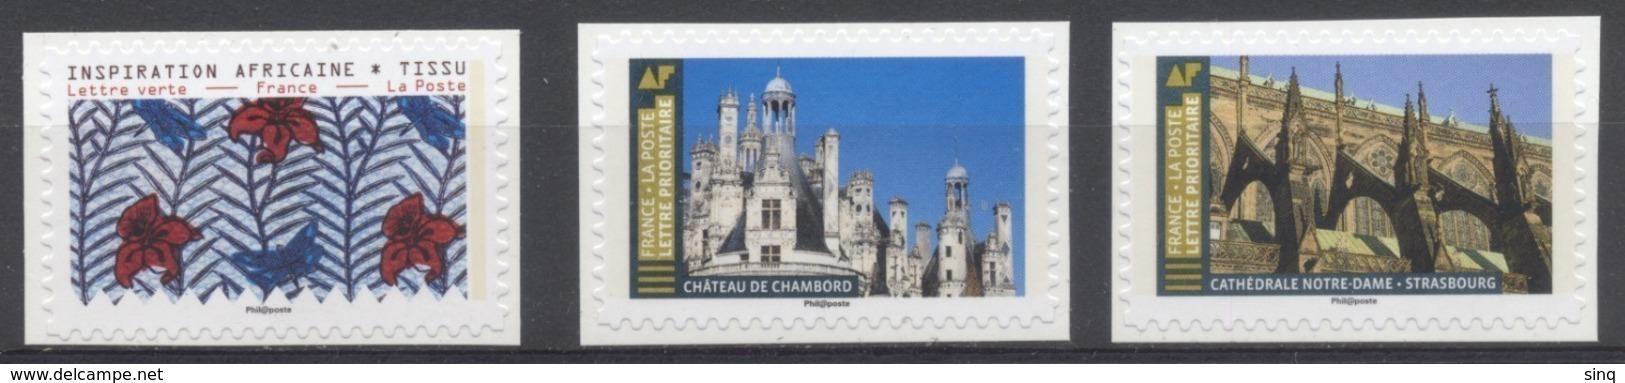 2019 - 3 Adhésifs émis En Feuilles - Inspiration Africaine Tissus - Chambord Et Notre Dame Strasbourg - France